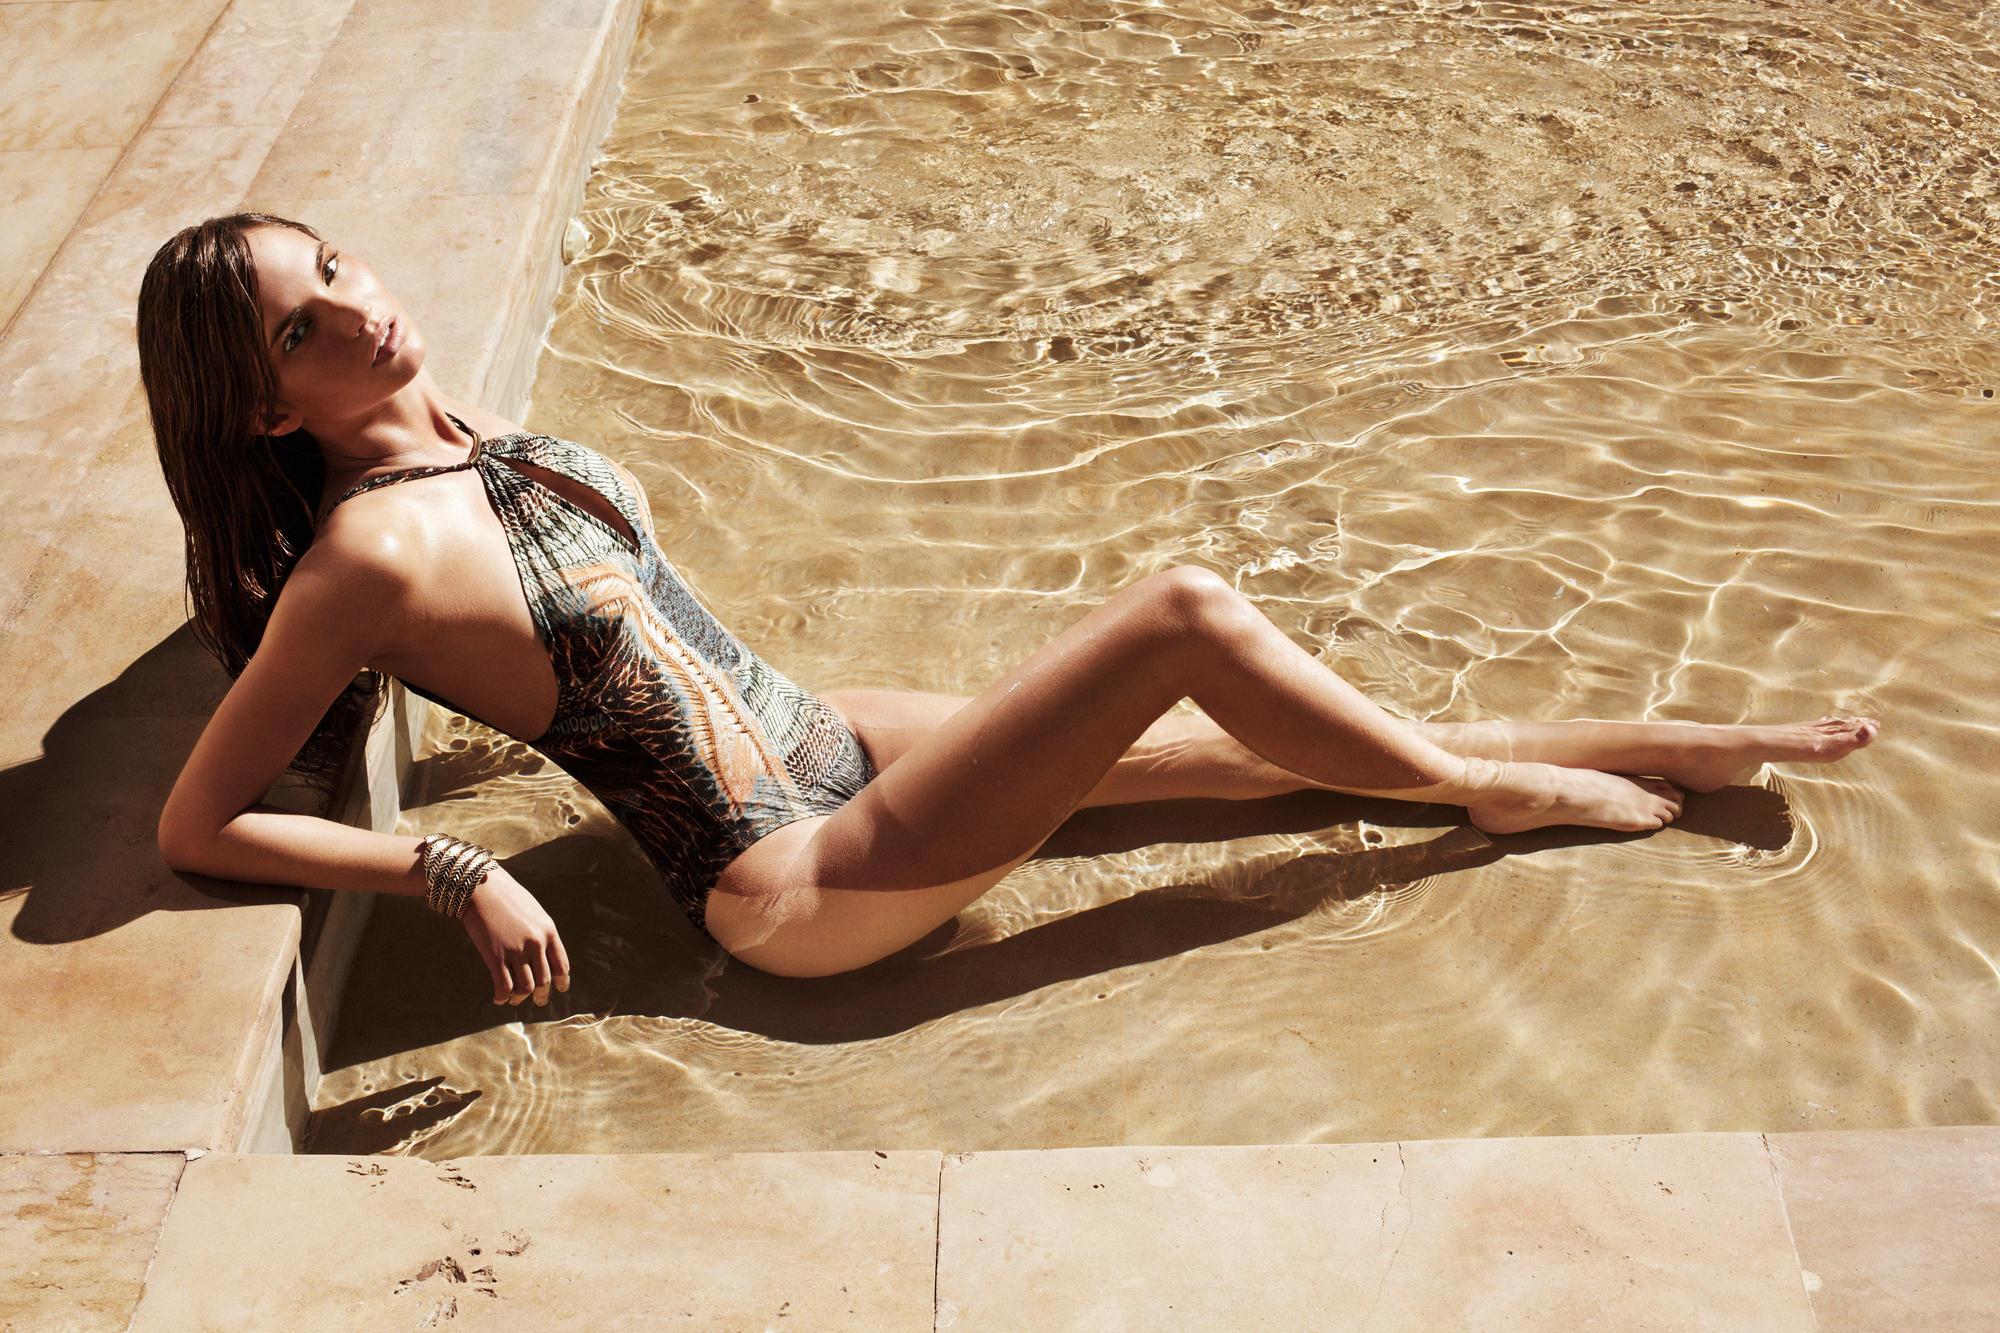 """Wer auch am Pool """"bella figura"""" machen will, setzt sich modisch gekonnt in Szene"""